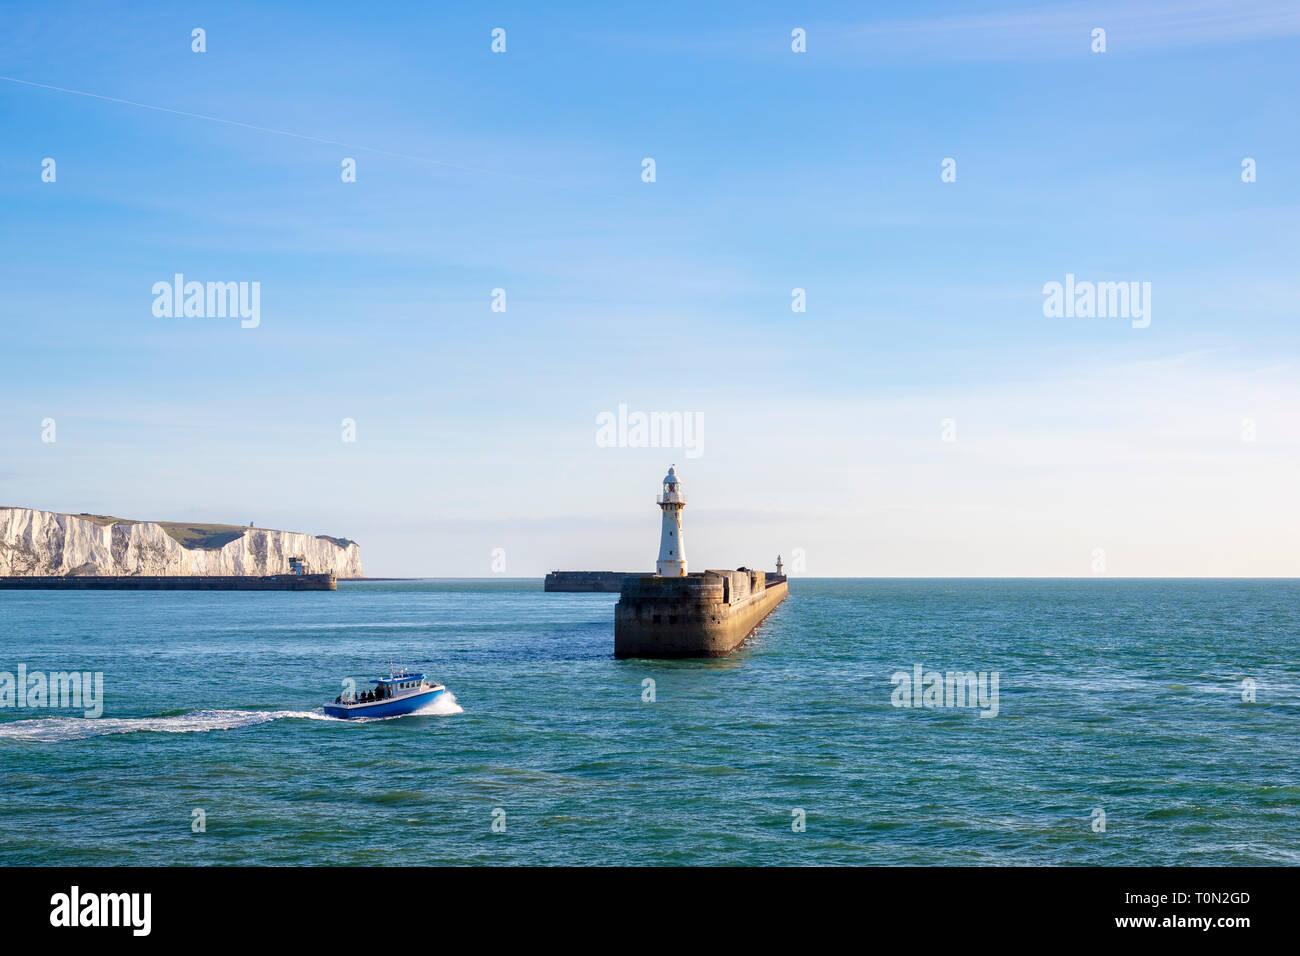 Una barca da pesca di lasciare il porto di Dover; con la mitica Bianche Scogliere in background. Foto Stock